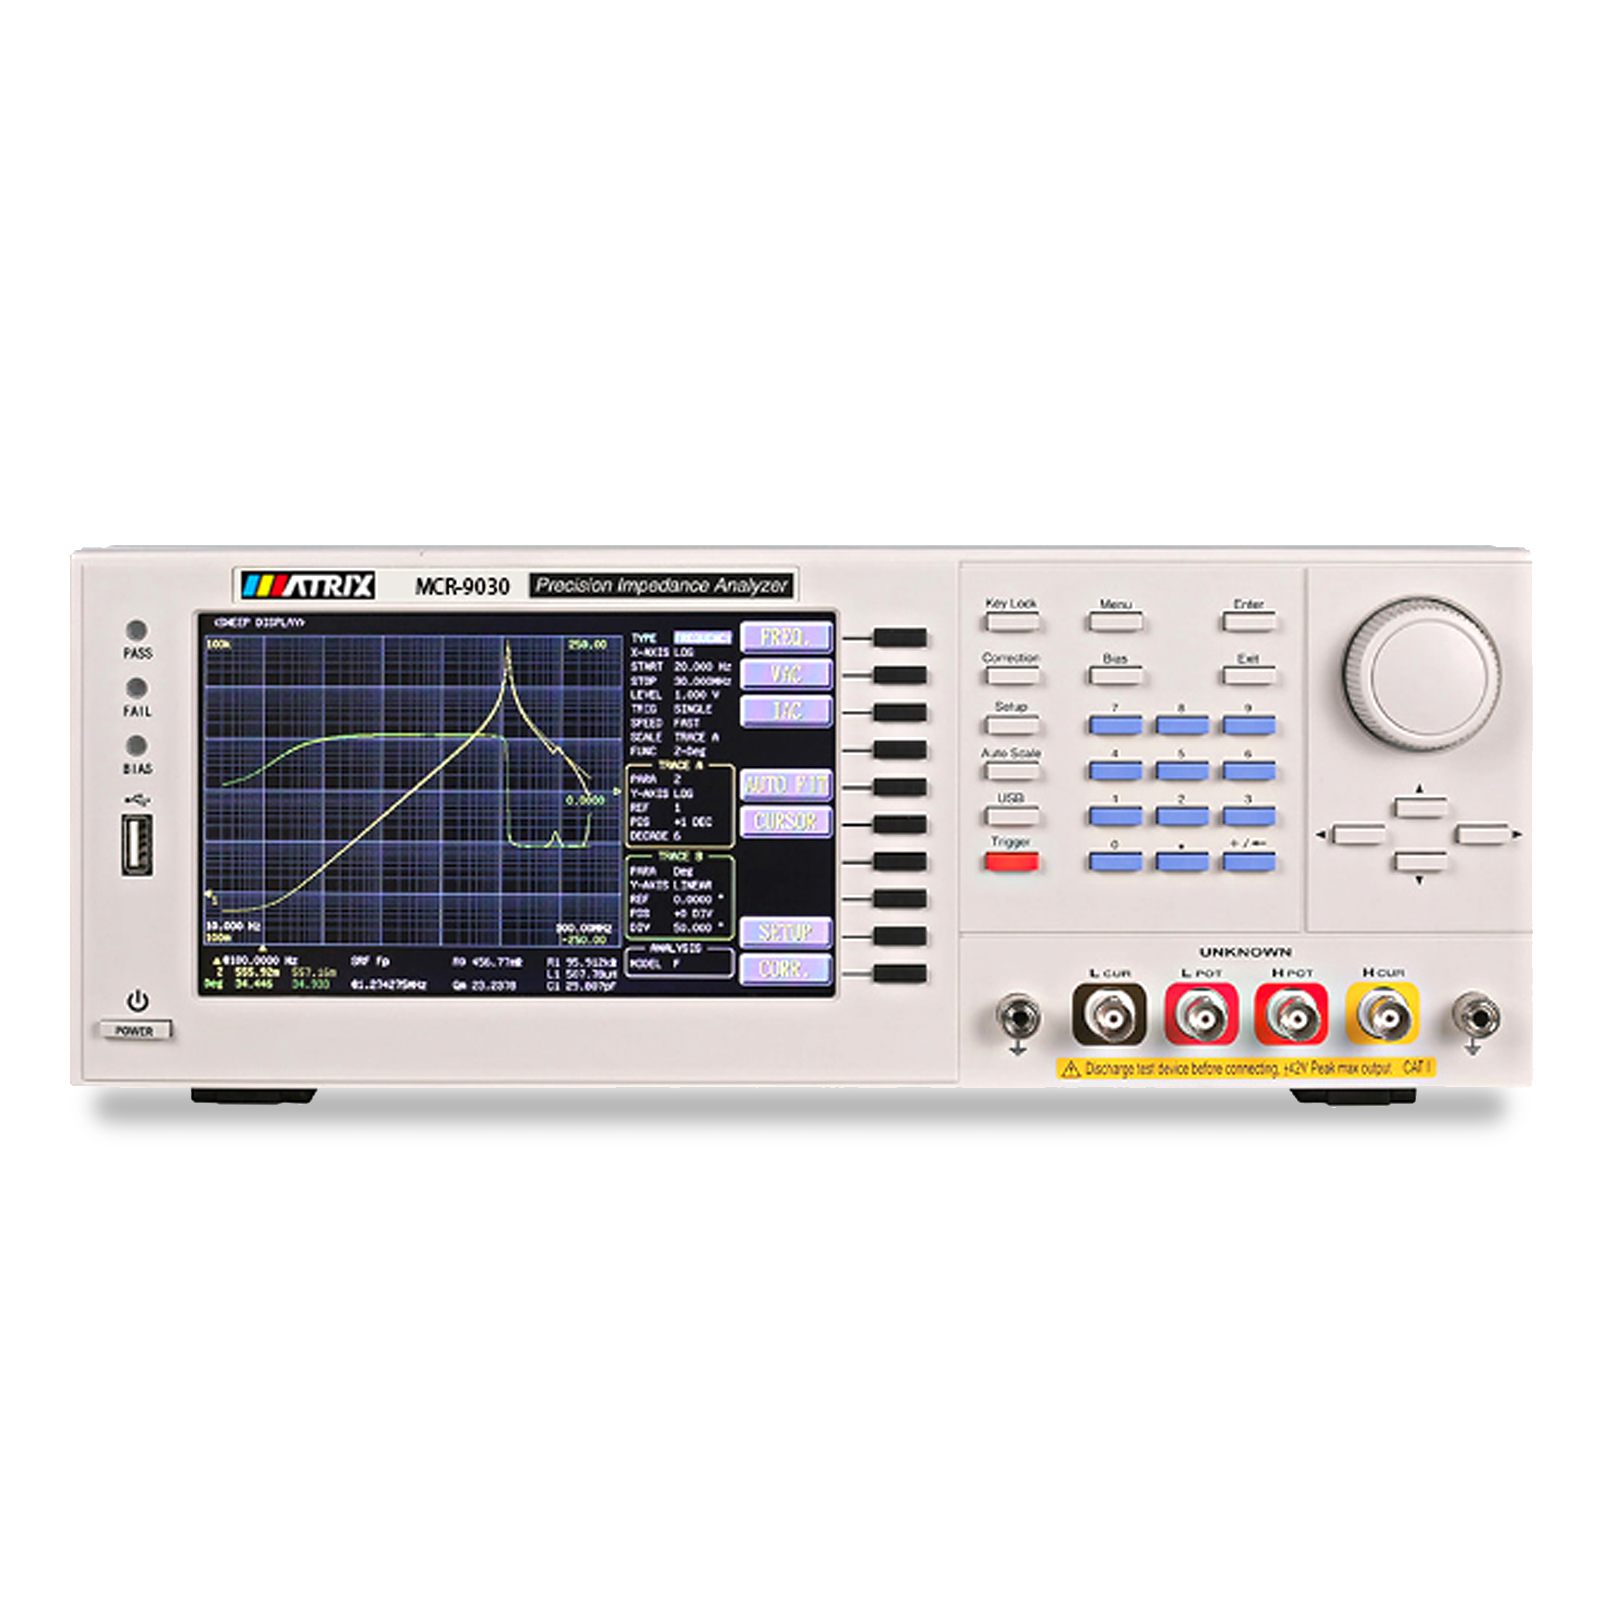 Высокочастотный измеритель LCR MCR-9000